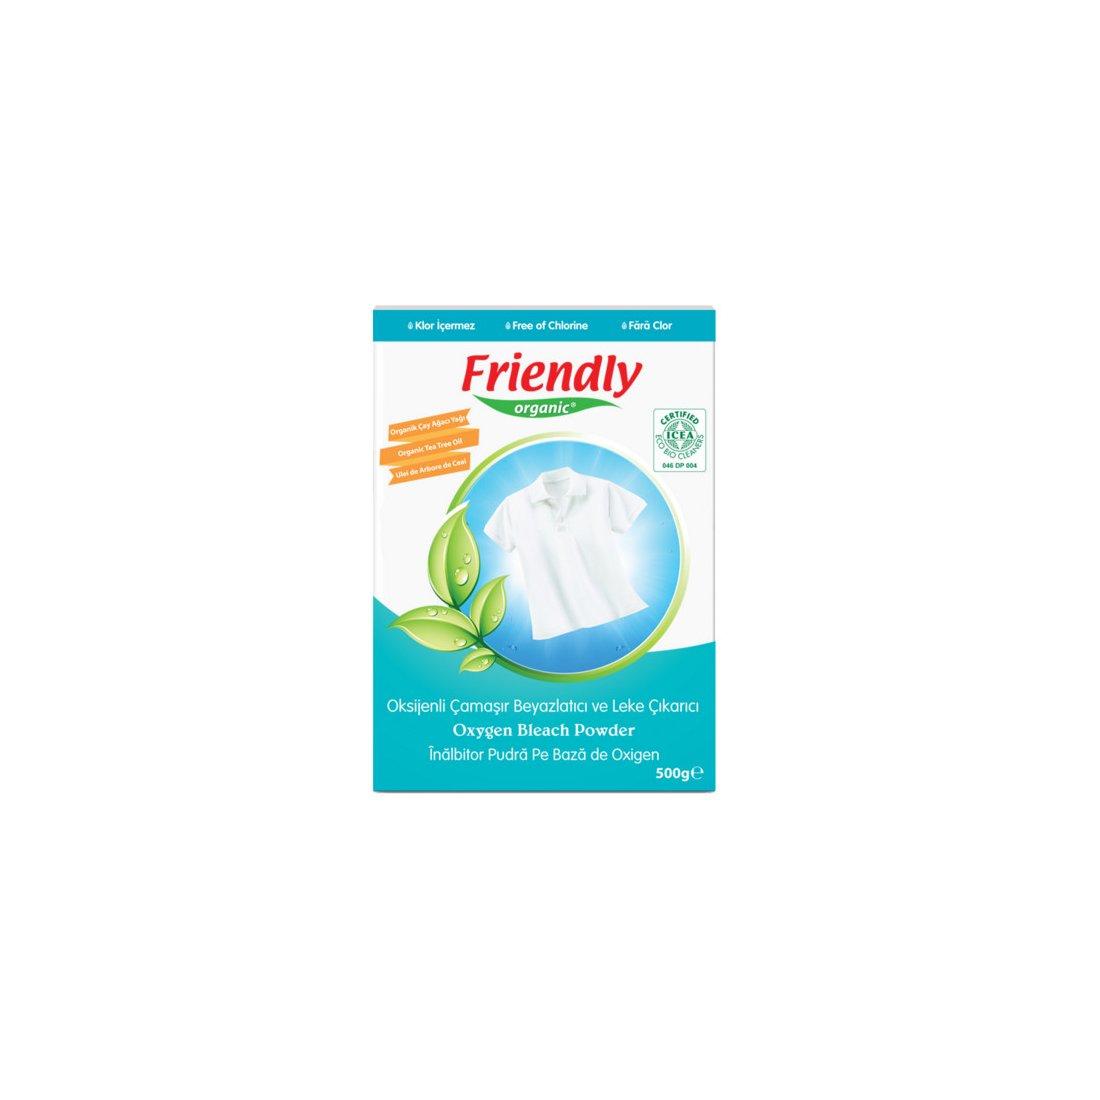 Friendly Organic - FR-00574